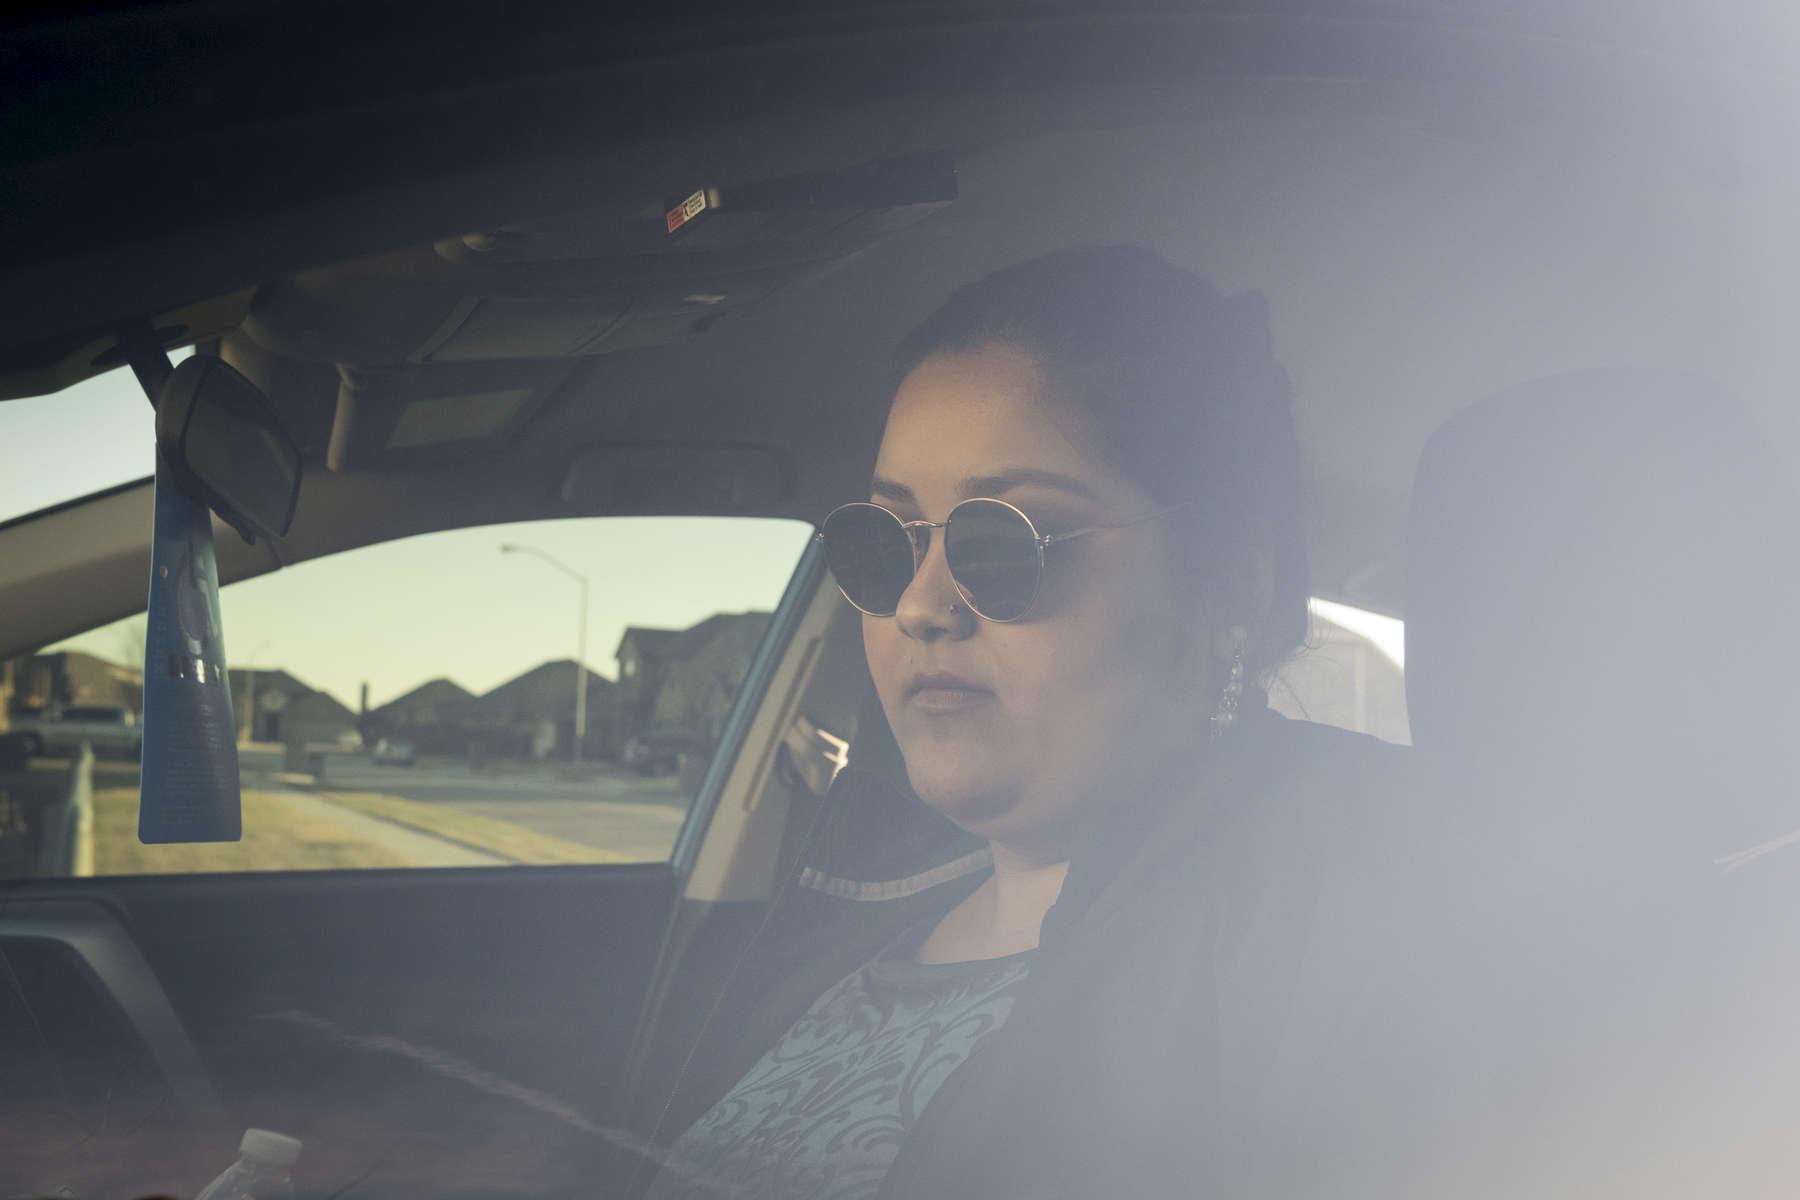 Bidhya au volant de l'une des voitures familiales. Watauga, Texas, Etats-Unis, 2018.